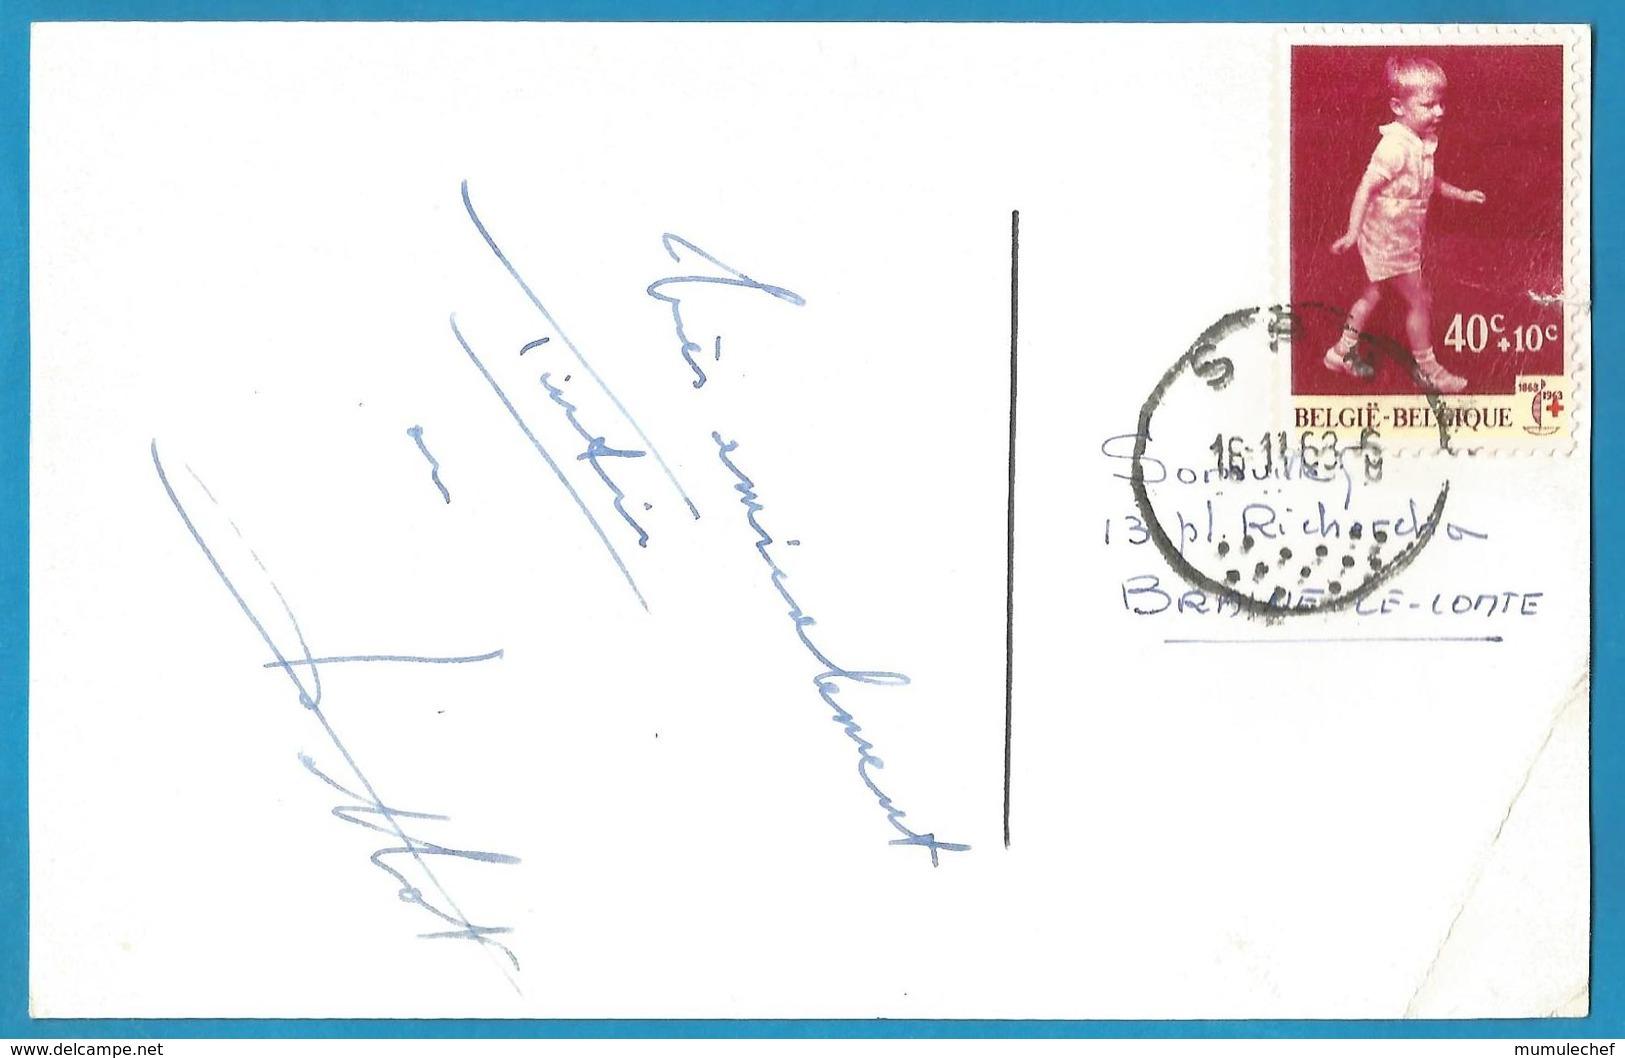 (A953a) - Signature / Dédicace / Autographe Original - Jean-Pierre TALBOT - Acteur TINTIN Dans Les Films - Autographes